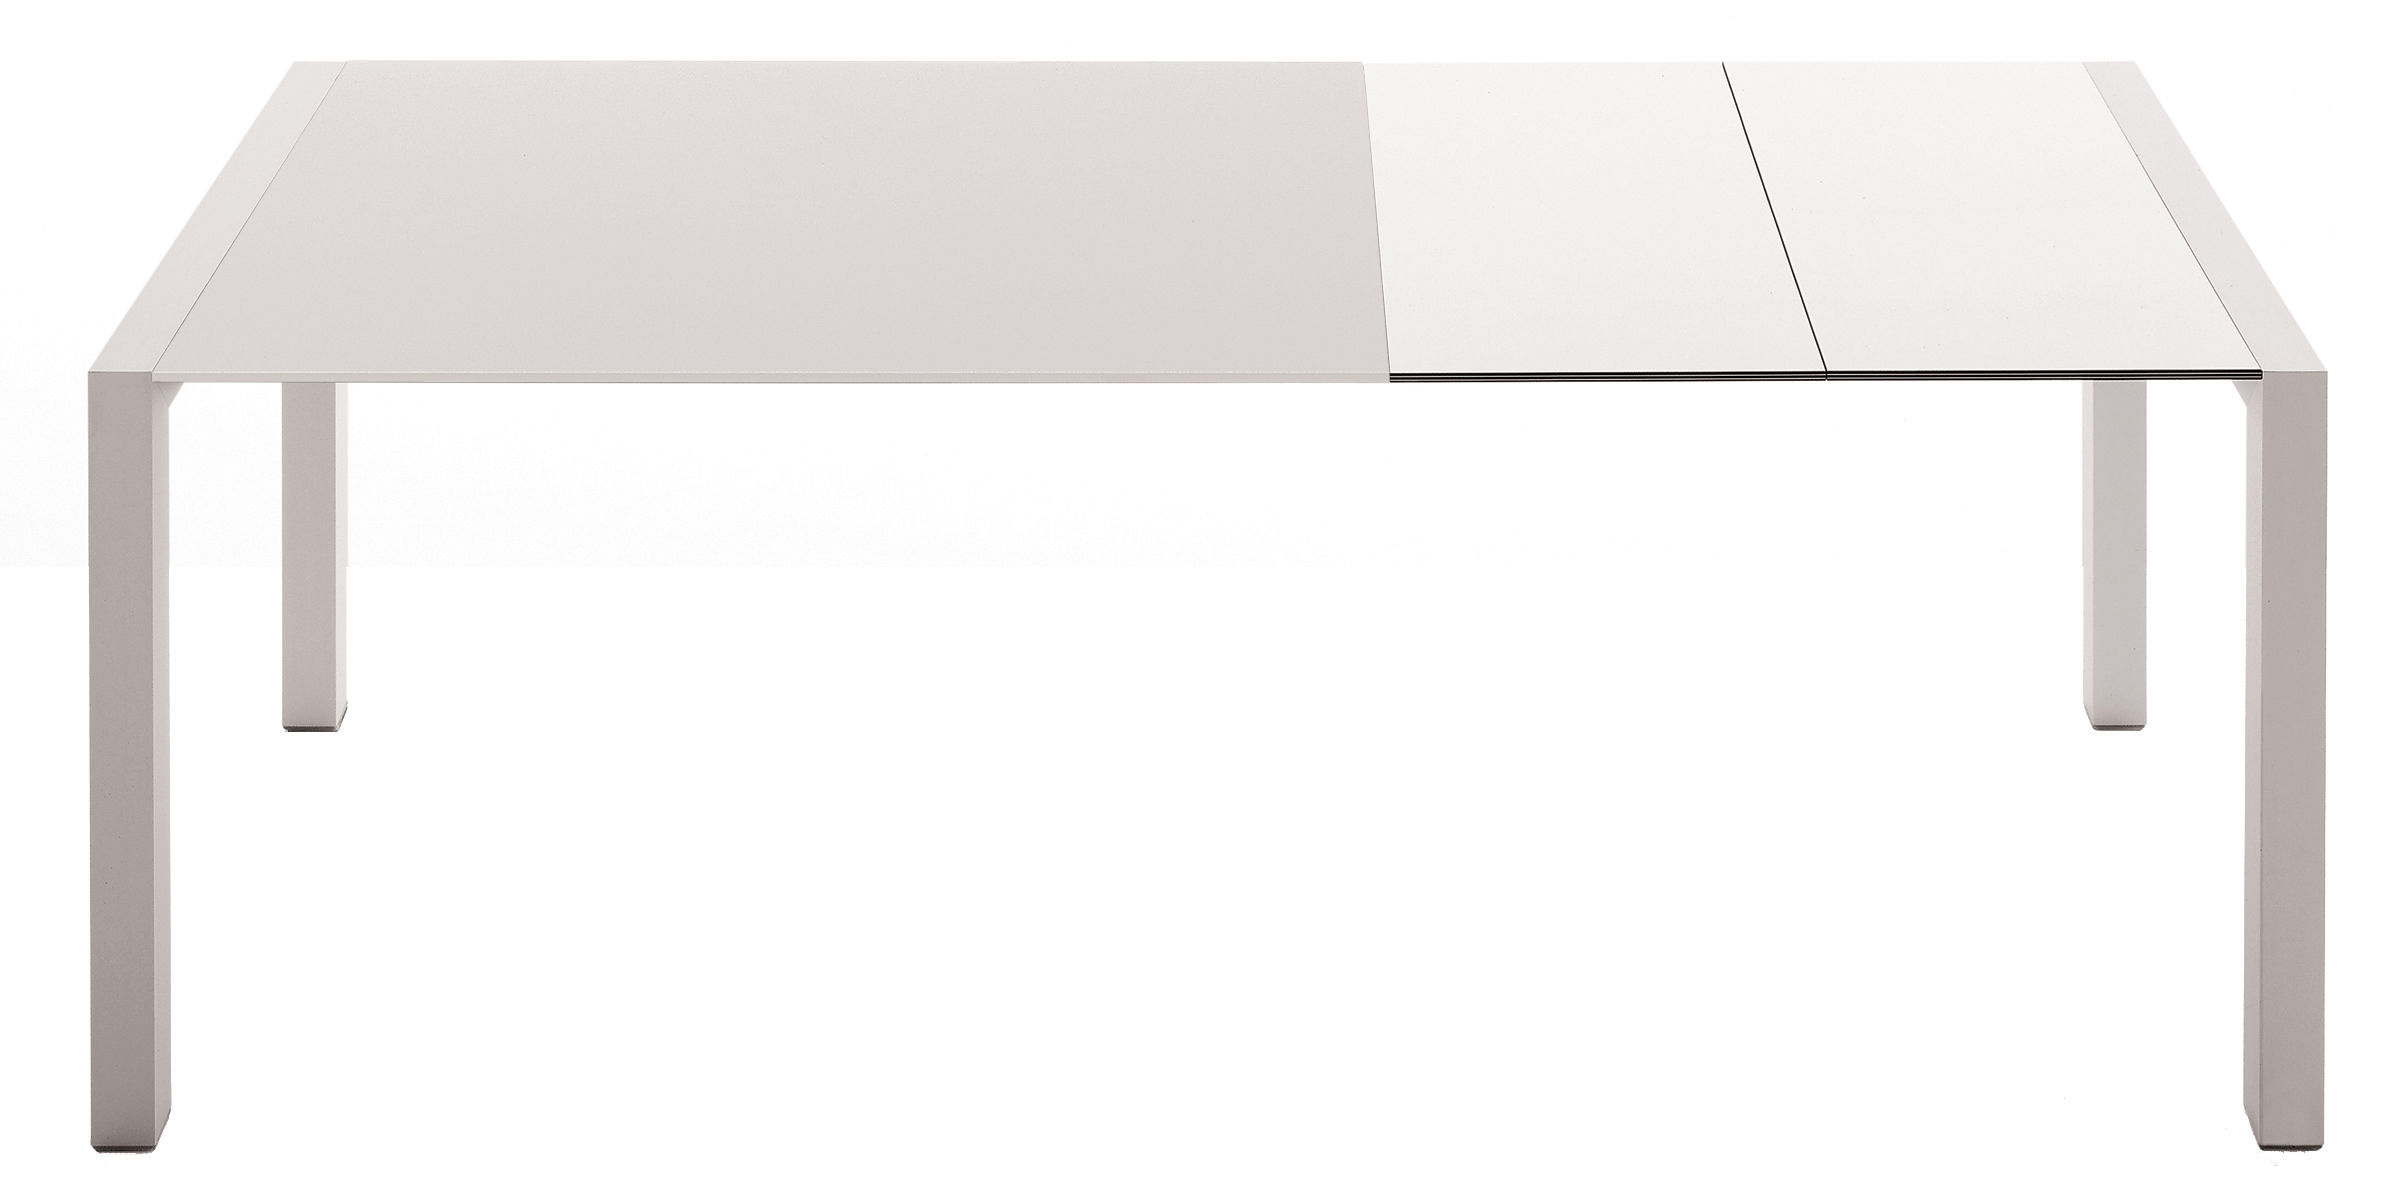 Tendances - Espace Repas - Table à rallonge Sushi / L 150 à 225 cm - Kristalia - Plateau verre blanc / Rallonges laminé blanc - Aluminium anodisé, Laminé stratifié, Verre verni